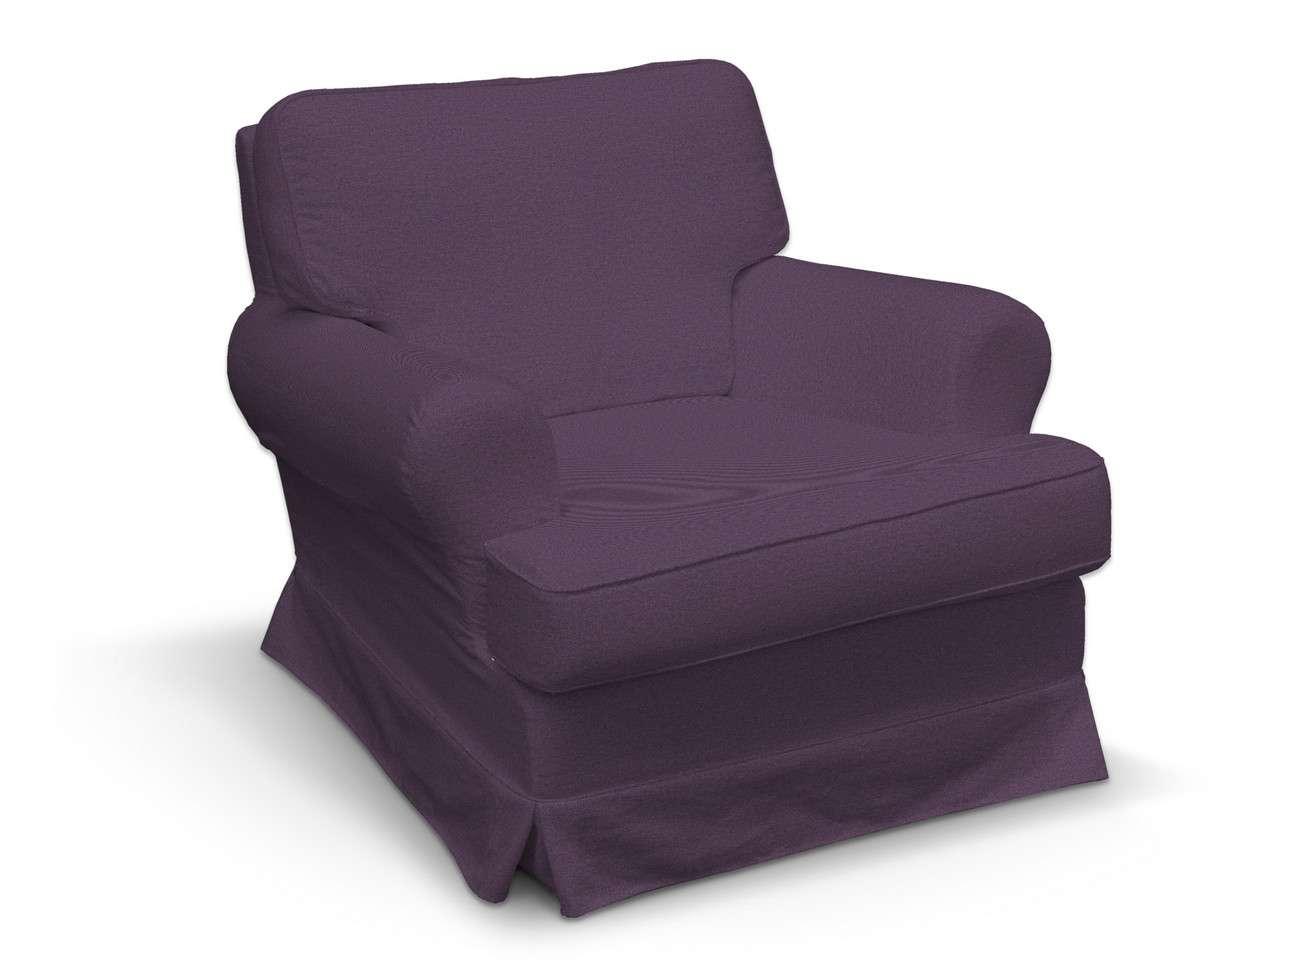 Pokrowiec na fotel Barkaby w kolekcji Etna, tkanina: 161-27